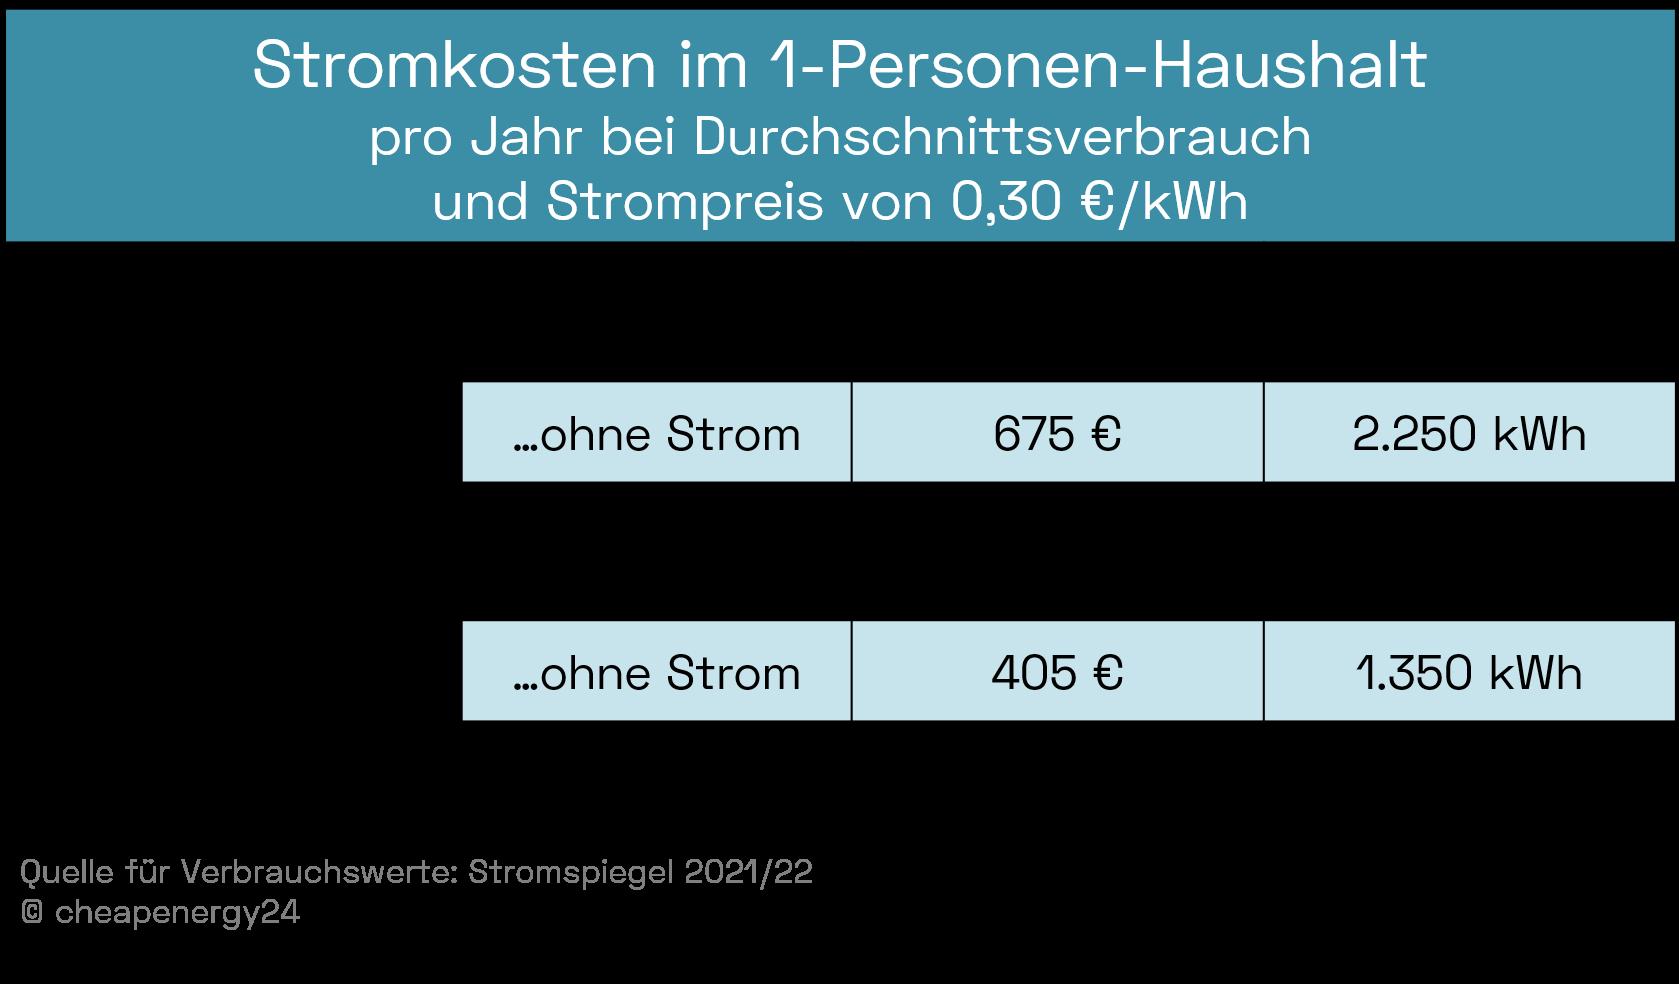 Stromkosten 1 Person bei durchschnittlichem Verbrauch